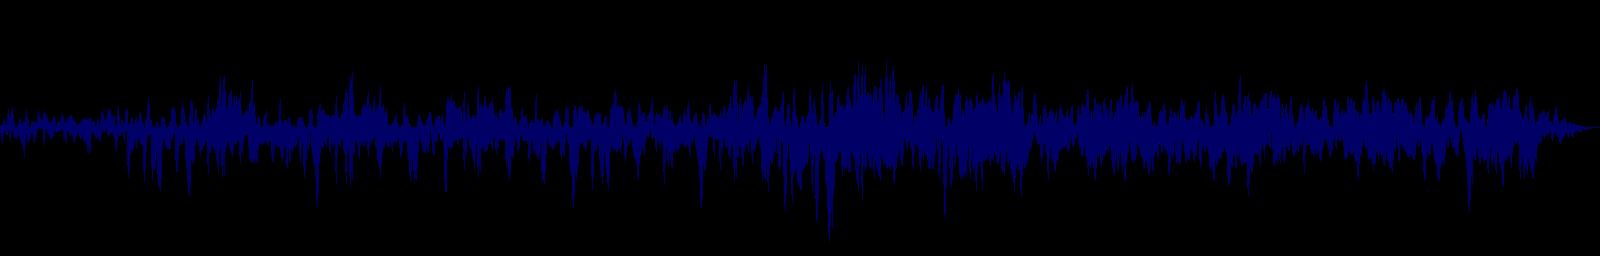 waveform of track #143319